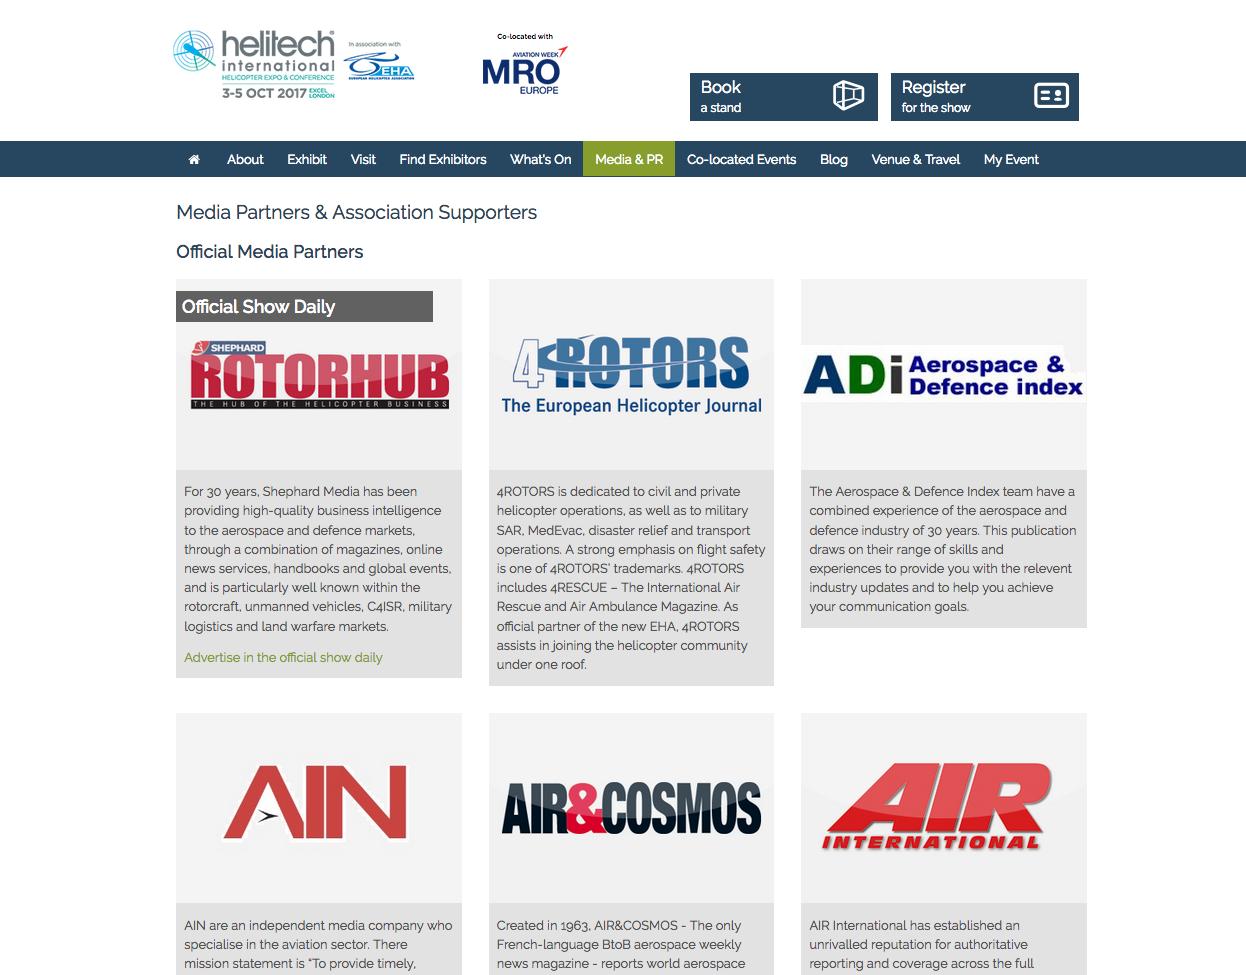 Air et Cosmos est partenaire media d'Helitech à Londres, présent avec Air et Cosmos International.